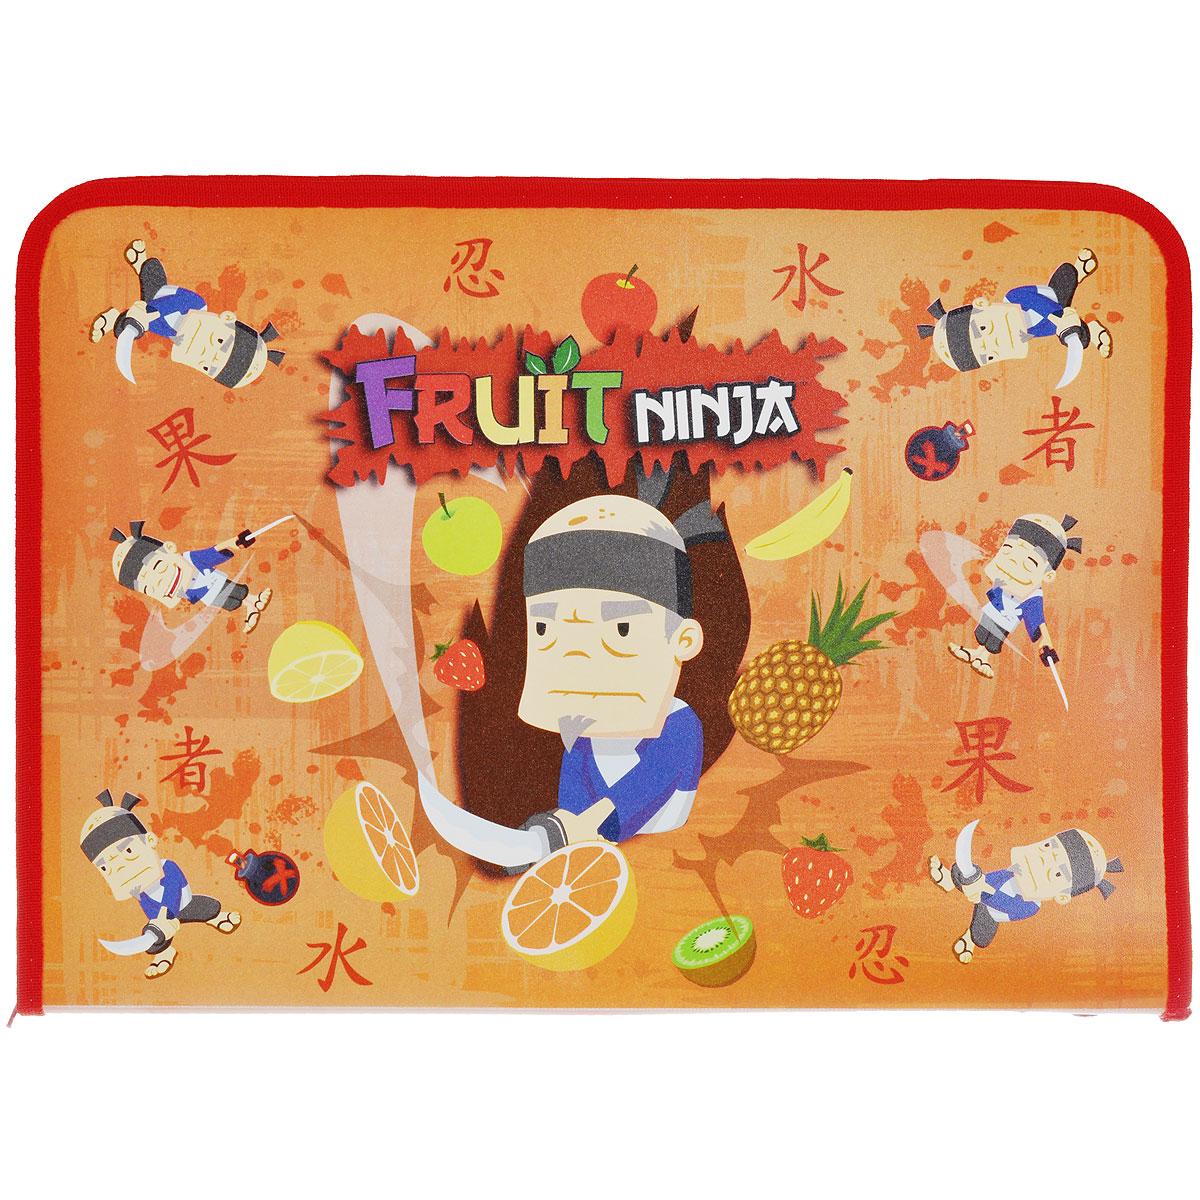 Папка для труда Action! Fruit Ninja, цвет: оранжевыйC37690/FN-FZA4-L оранжевыйПапка для труда Action! Fruit Ninja предназначена для хранения тетрадей, рисунков и прочих бумаг, а также ручек, карандашей, ластиков и точилок. Папка оформлена изображением Фруктового Ниндзя. Внутри находится одно большое отделение с вкладышем, содержащим 11 фиксаторов для школьных принадлежностей. Закрывается папка на застежку-молнию.Яркая и удобная, такая папка непременно понравится вашему ребенку.